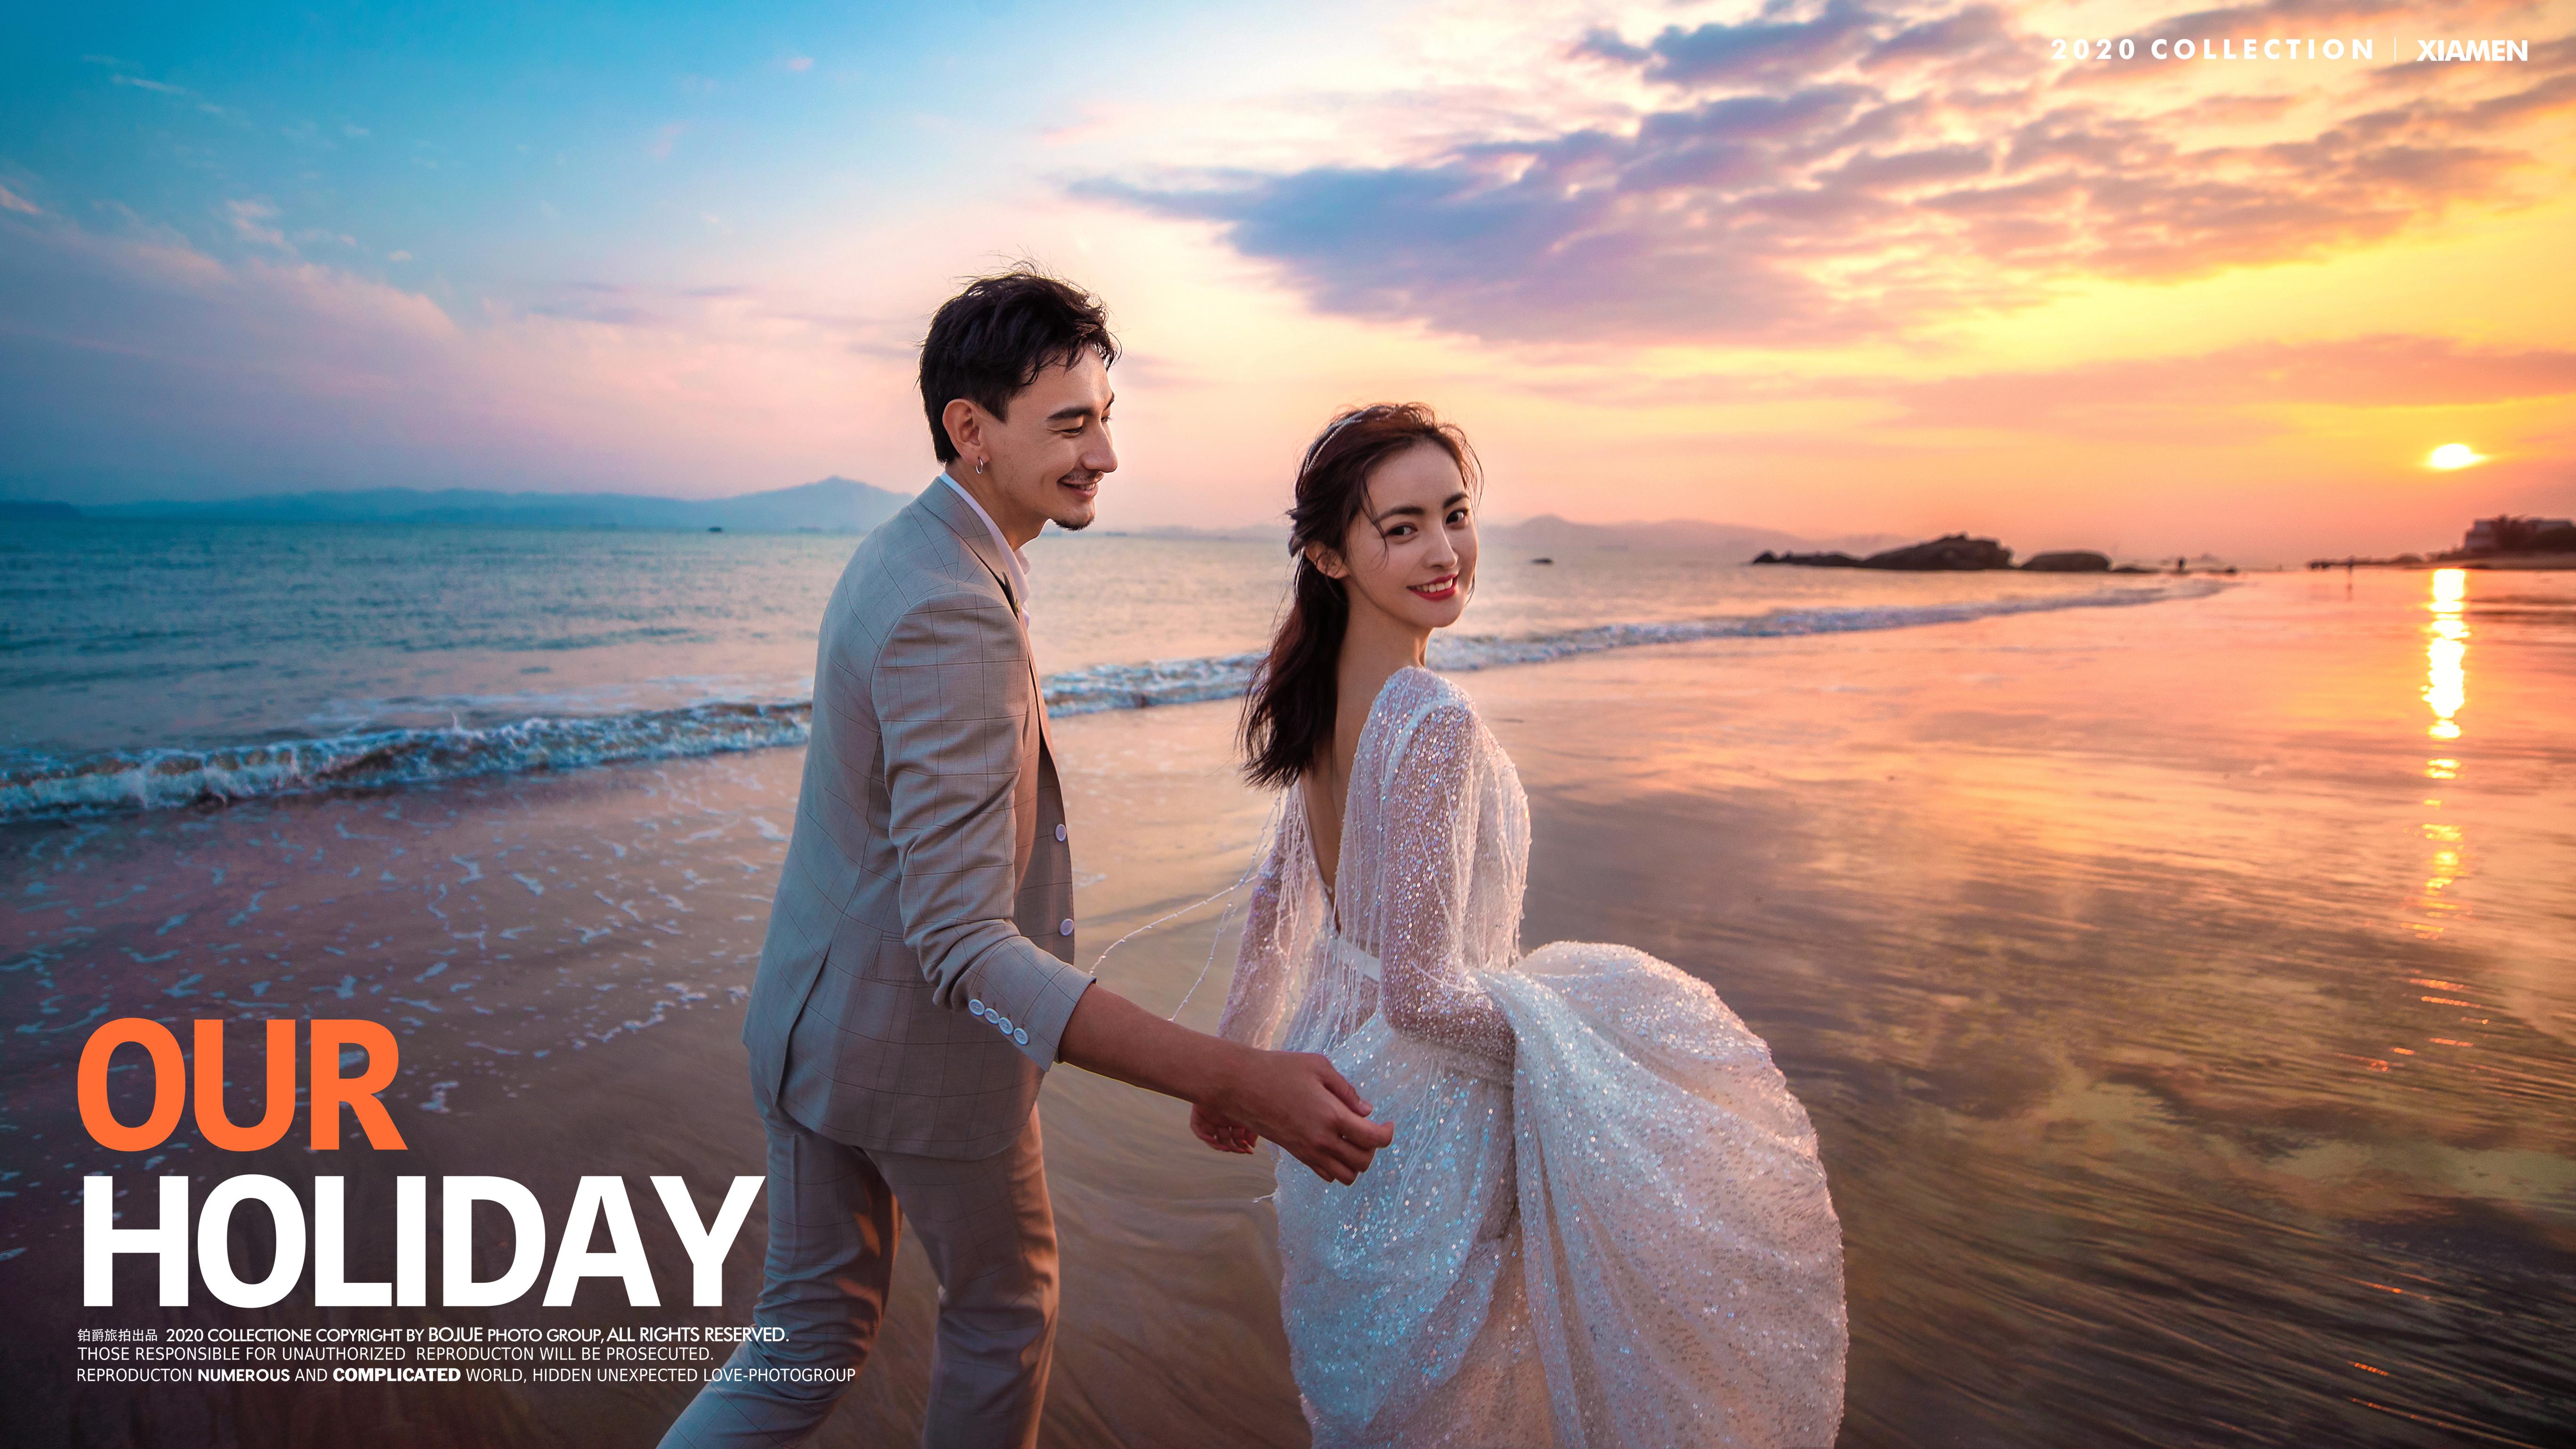 厦门海景婚纱摄影注意事项 海景婚纱摄影需要注意什么